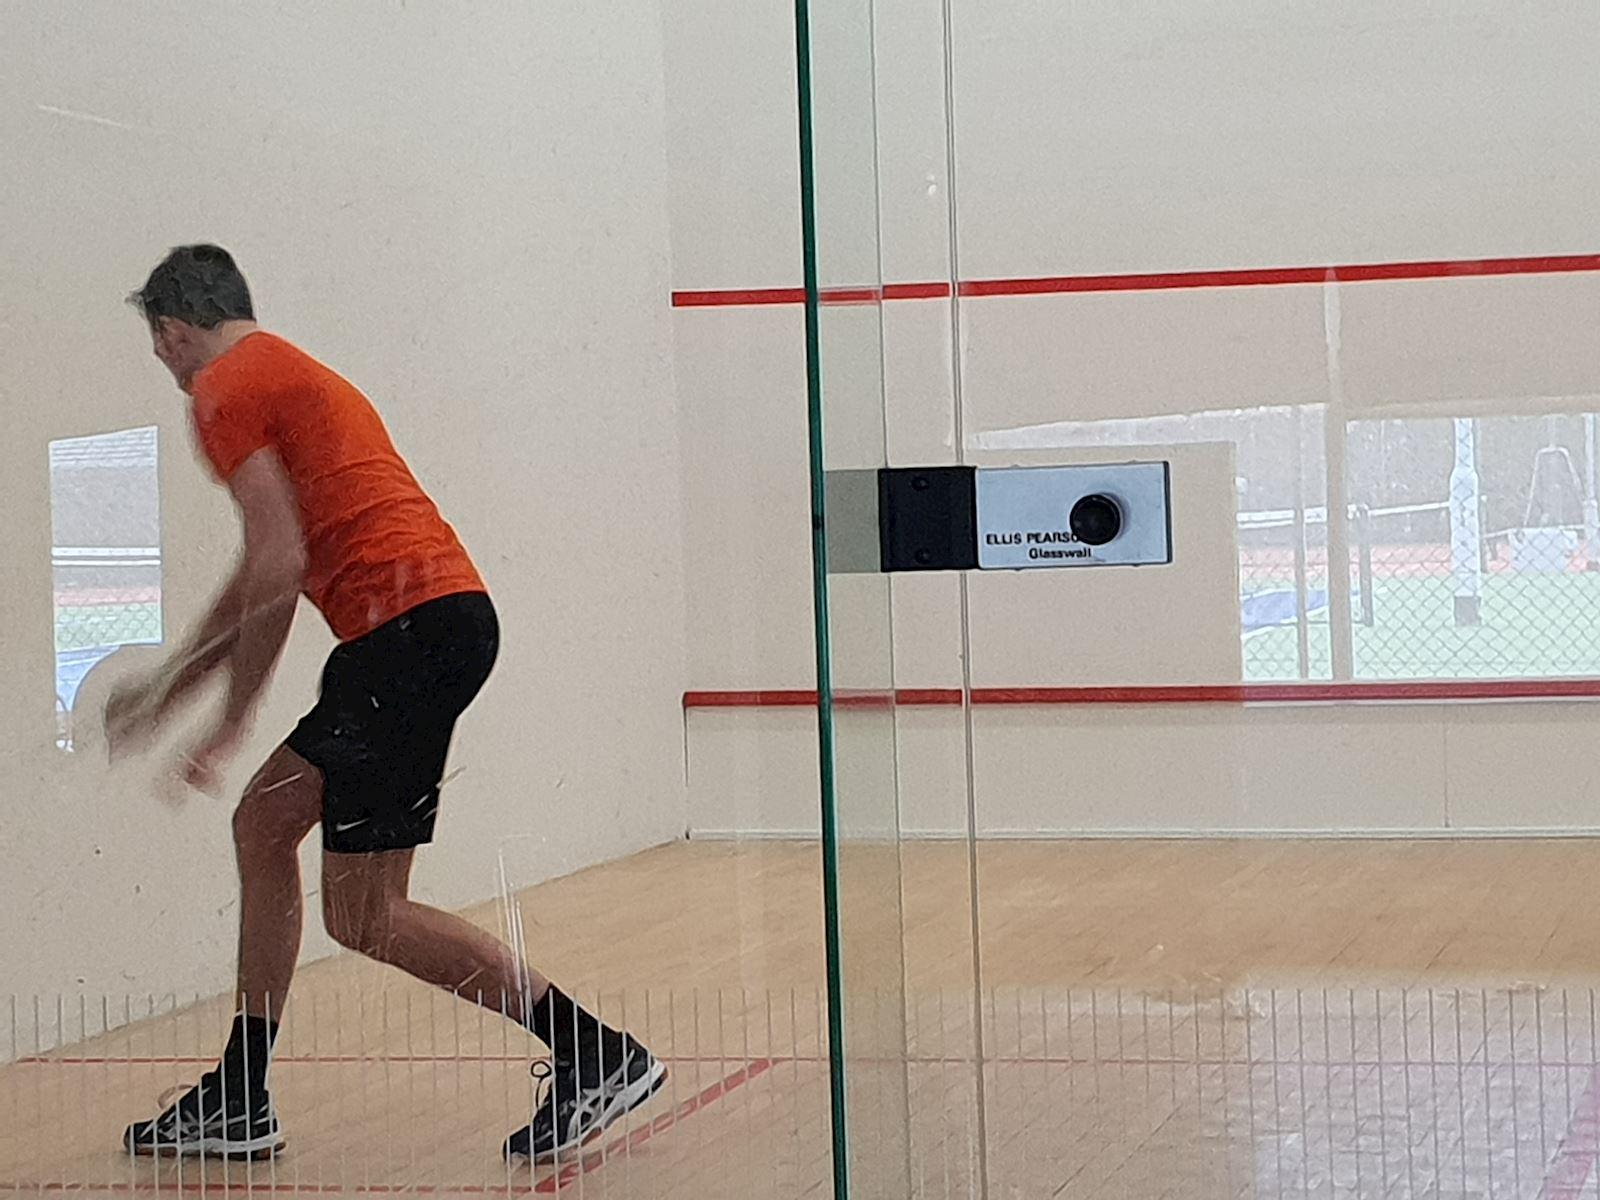 Squash courts 2